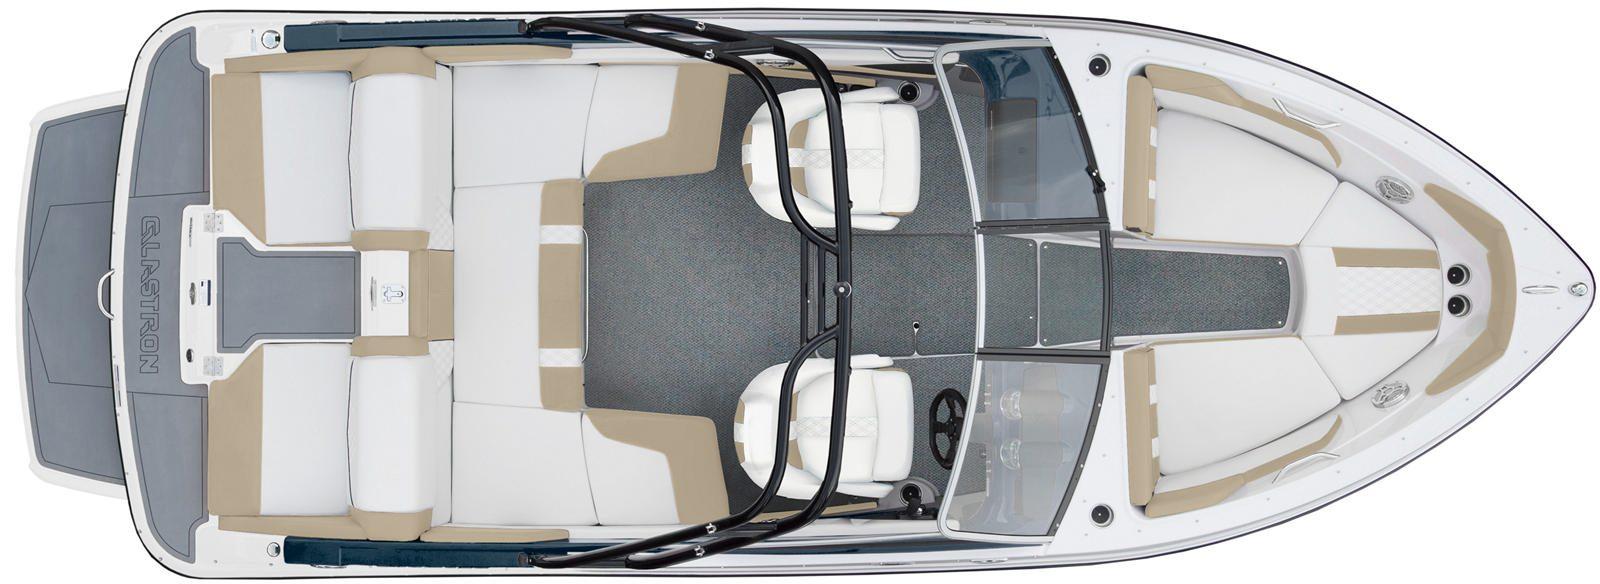 סירת ספורט Glastron 207 - סטרים יאכטות